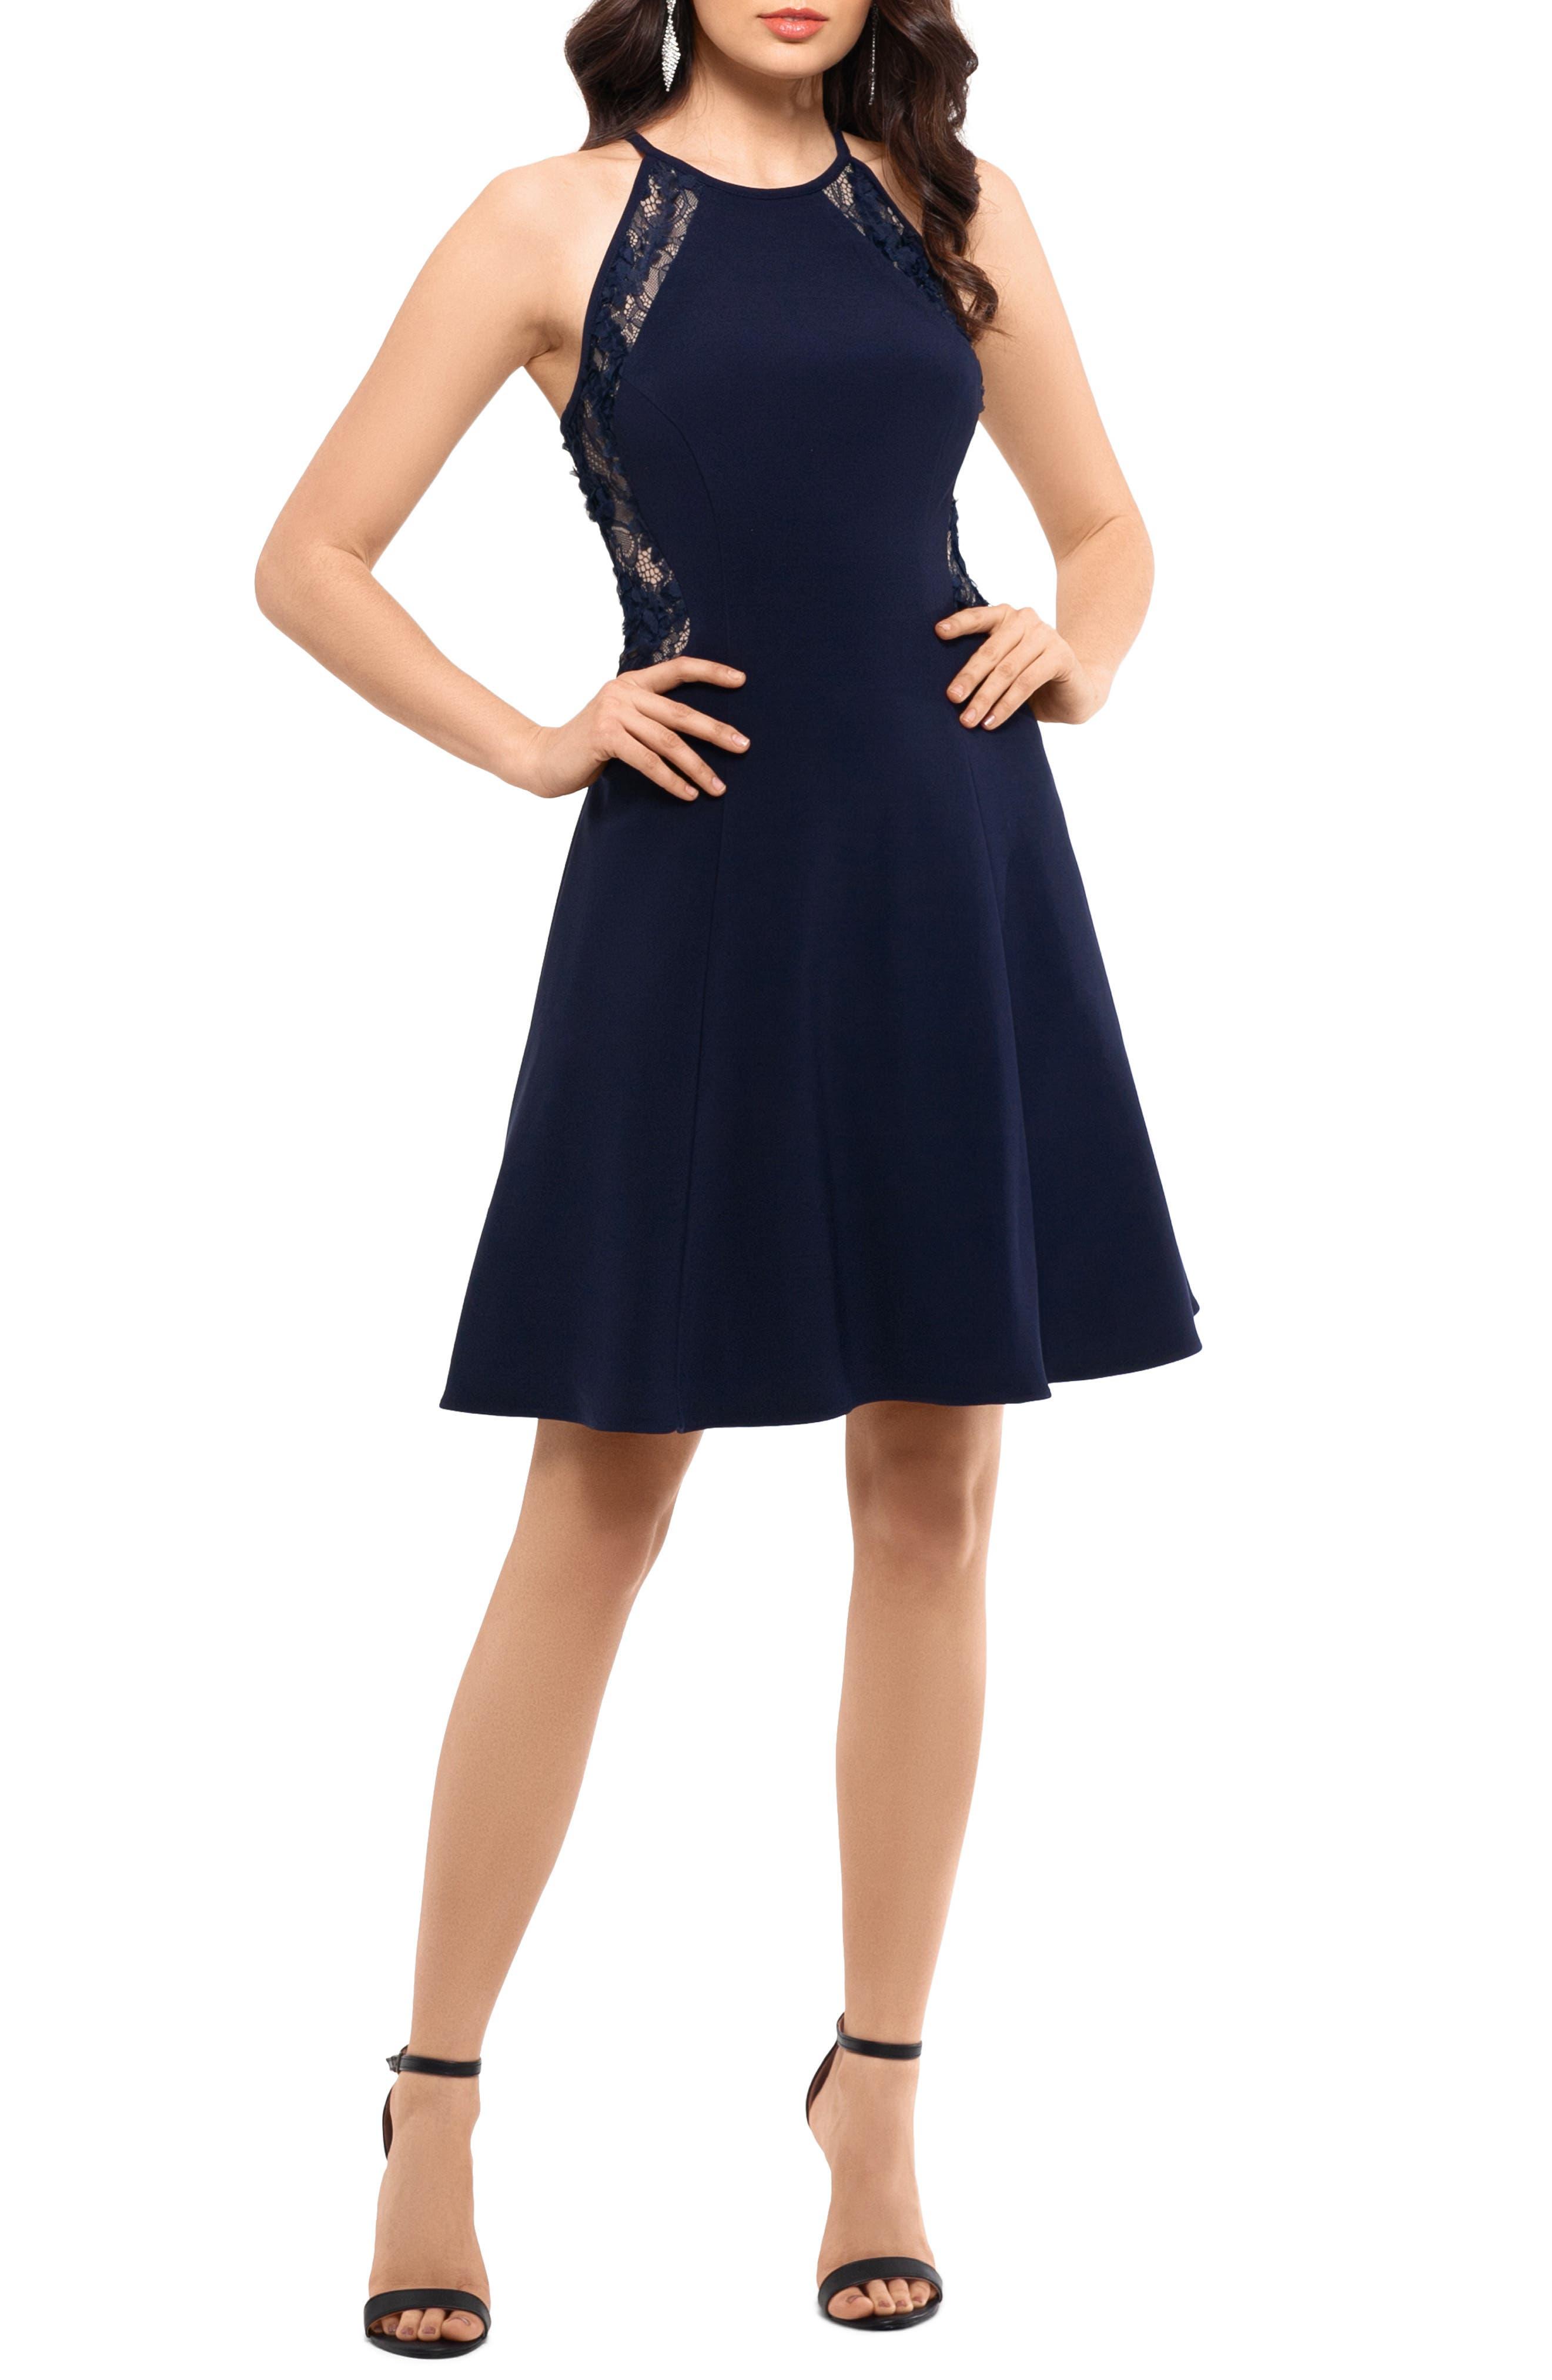 Xscape Lace & Scuba Crepe Fit & Flare Party Dress, Blue